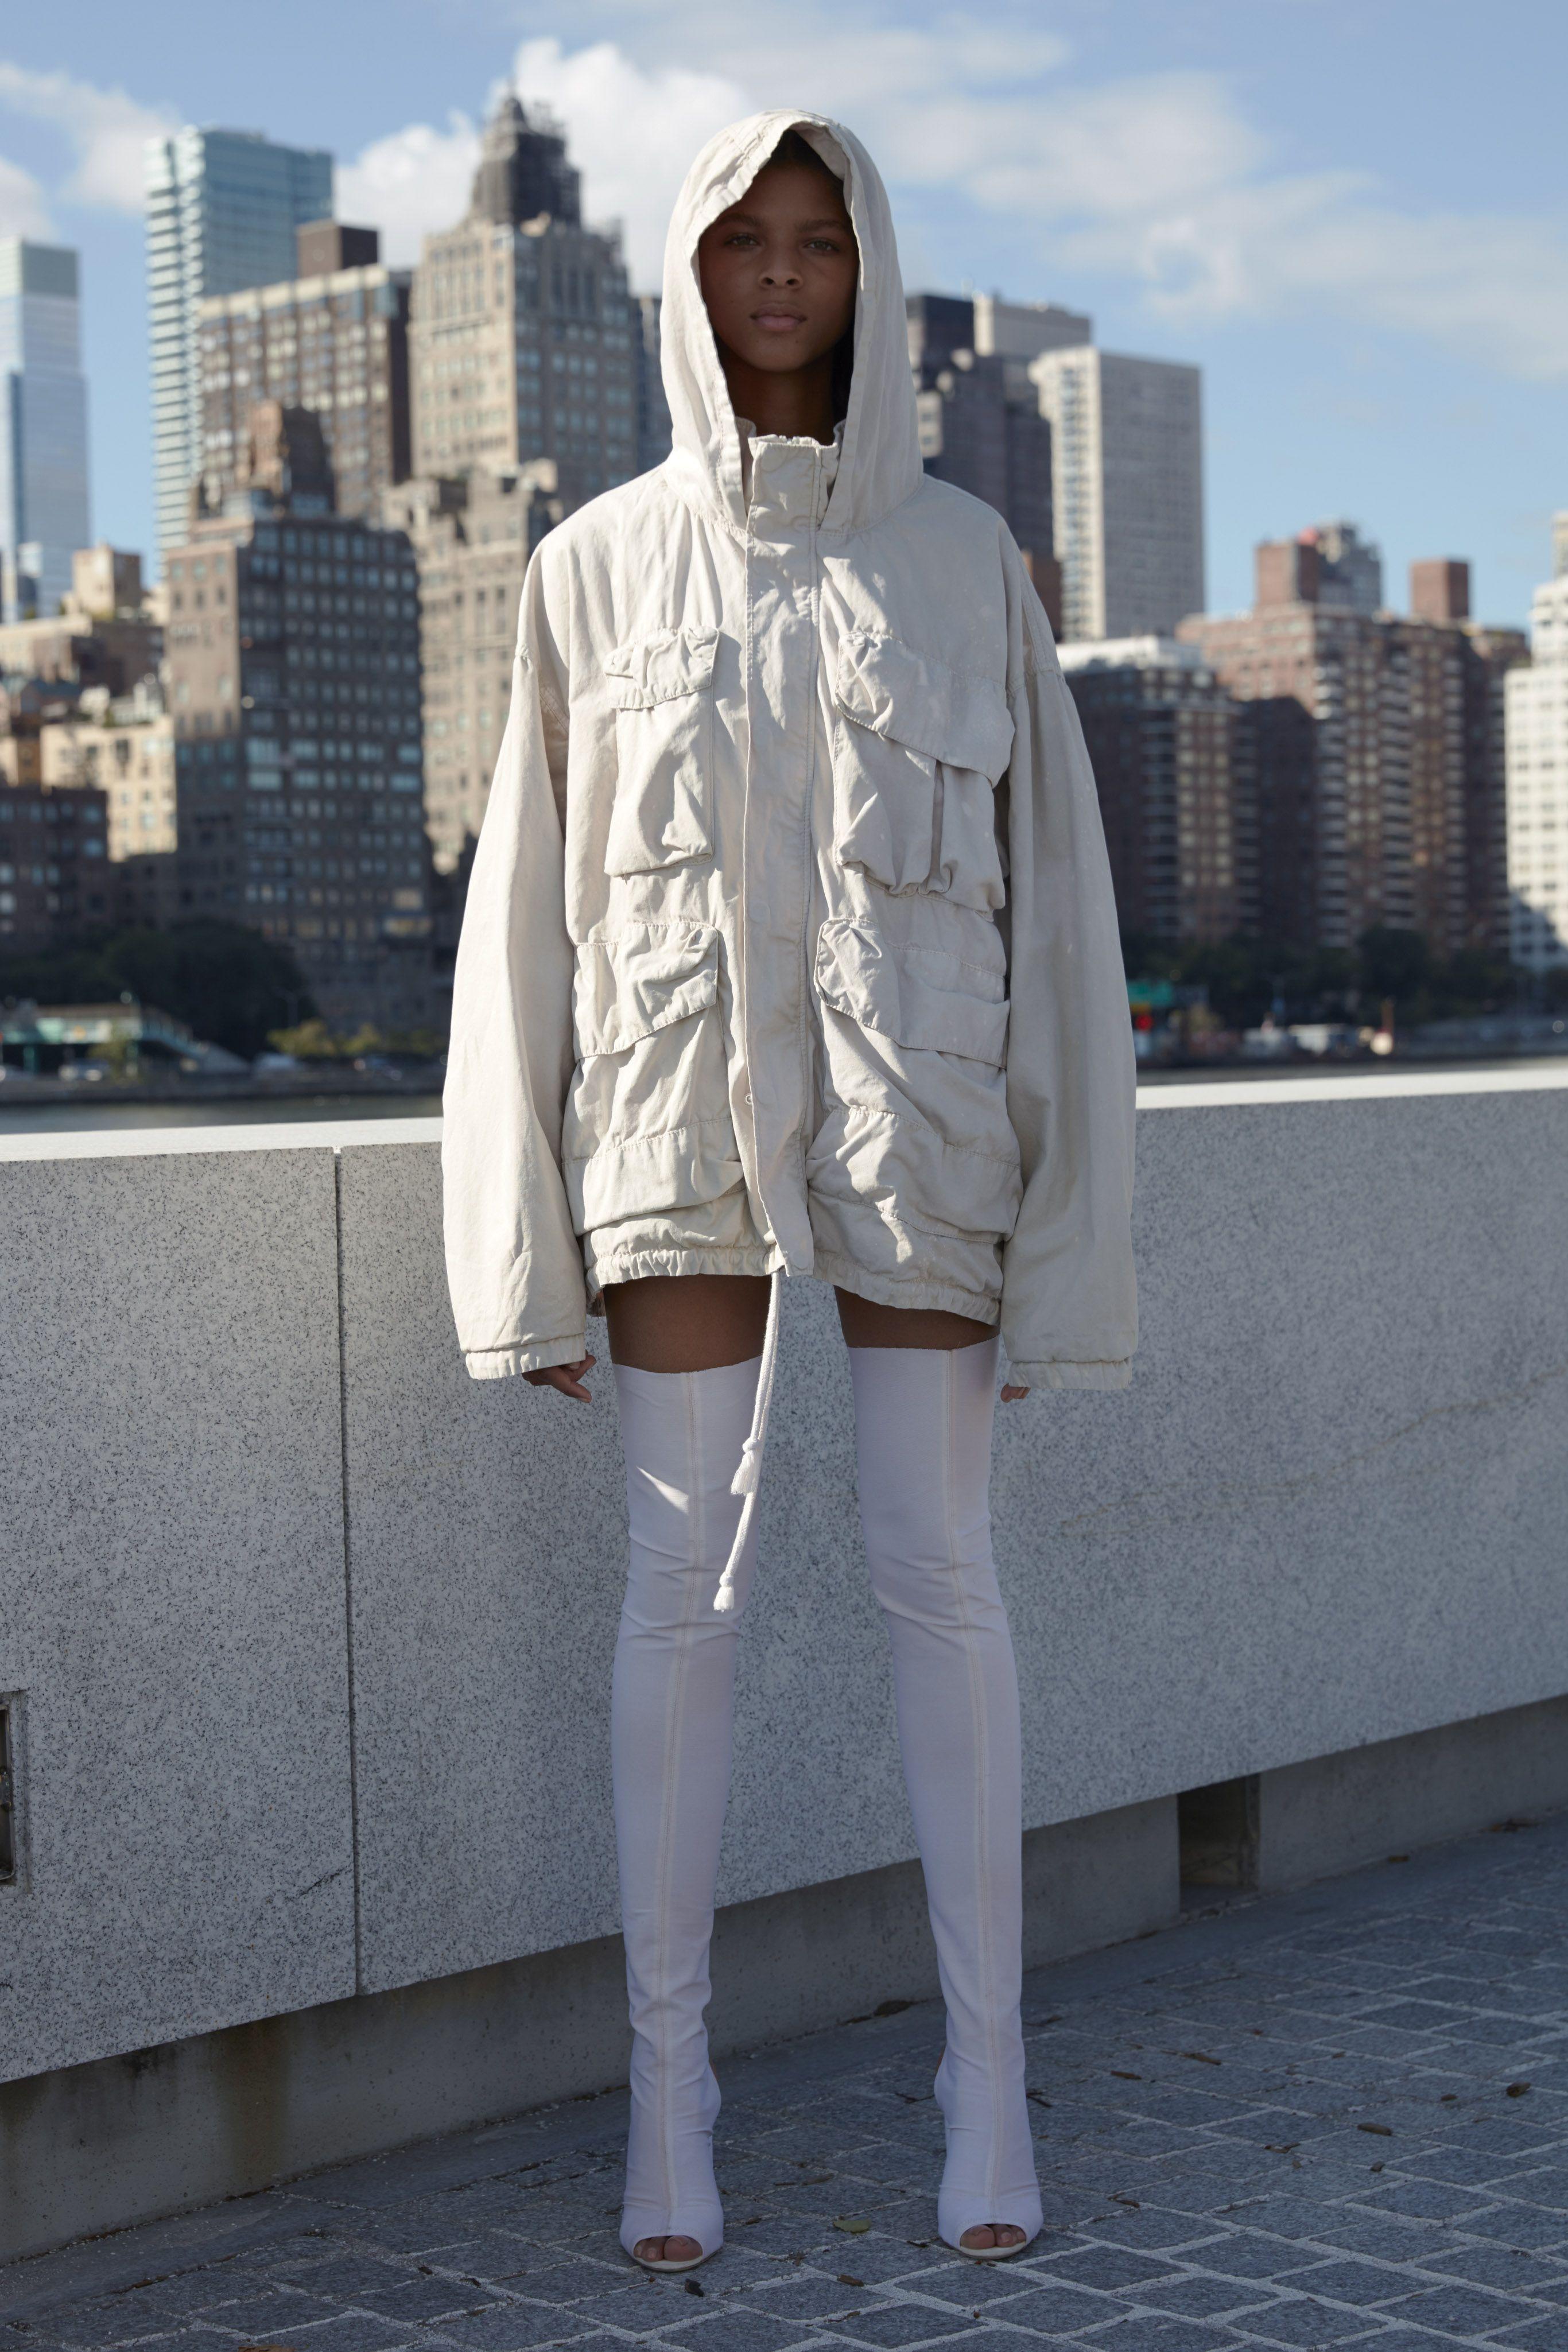 Yeezy Season 4 Yeezy Season 4 Yeezy Season Kanye West Adidas